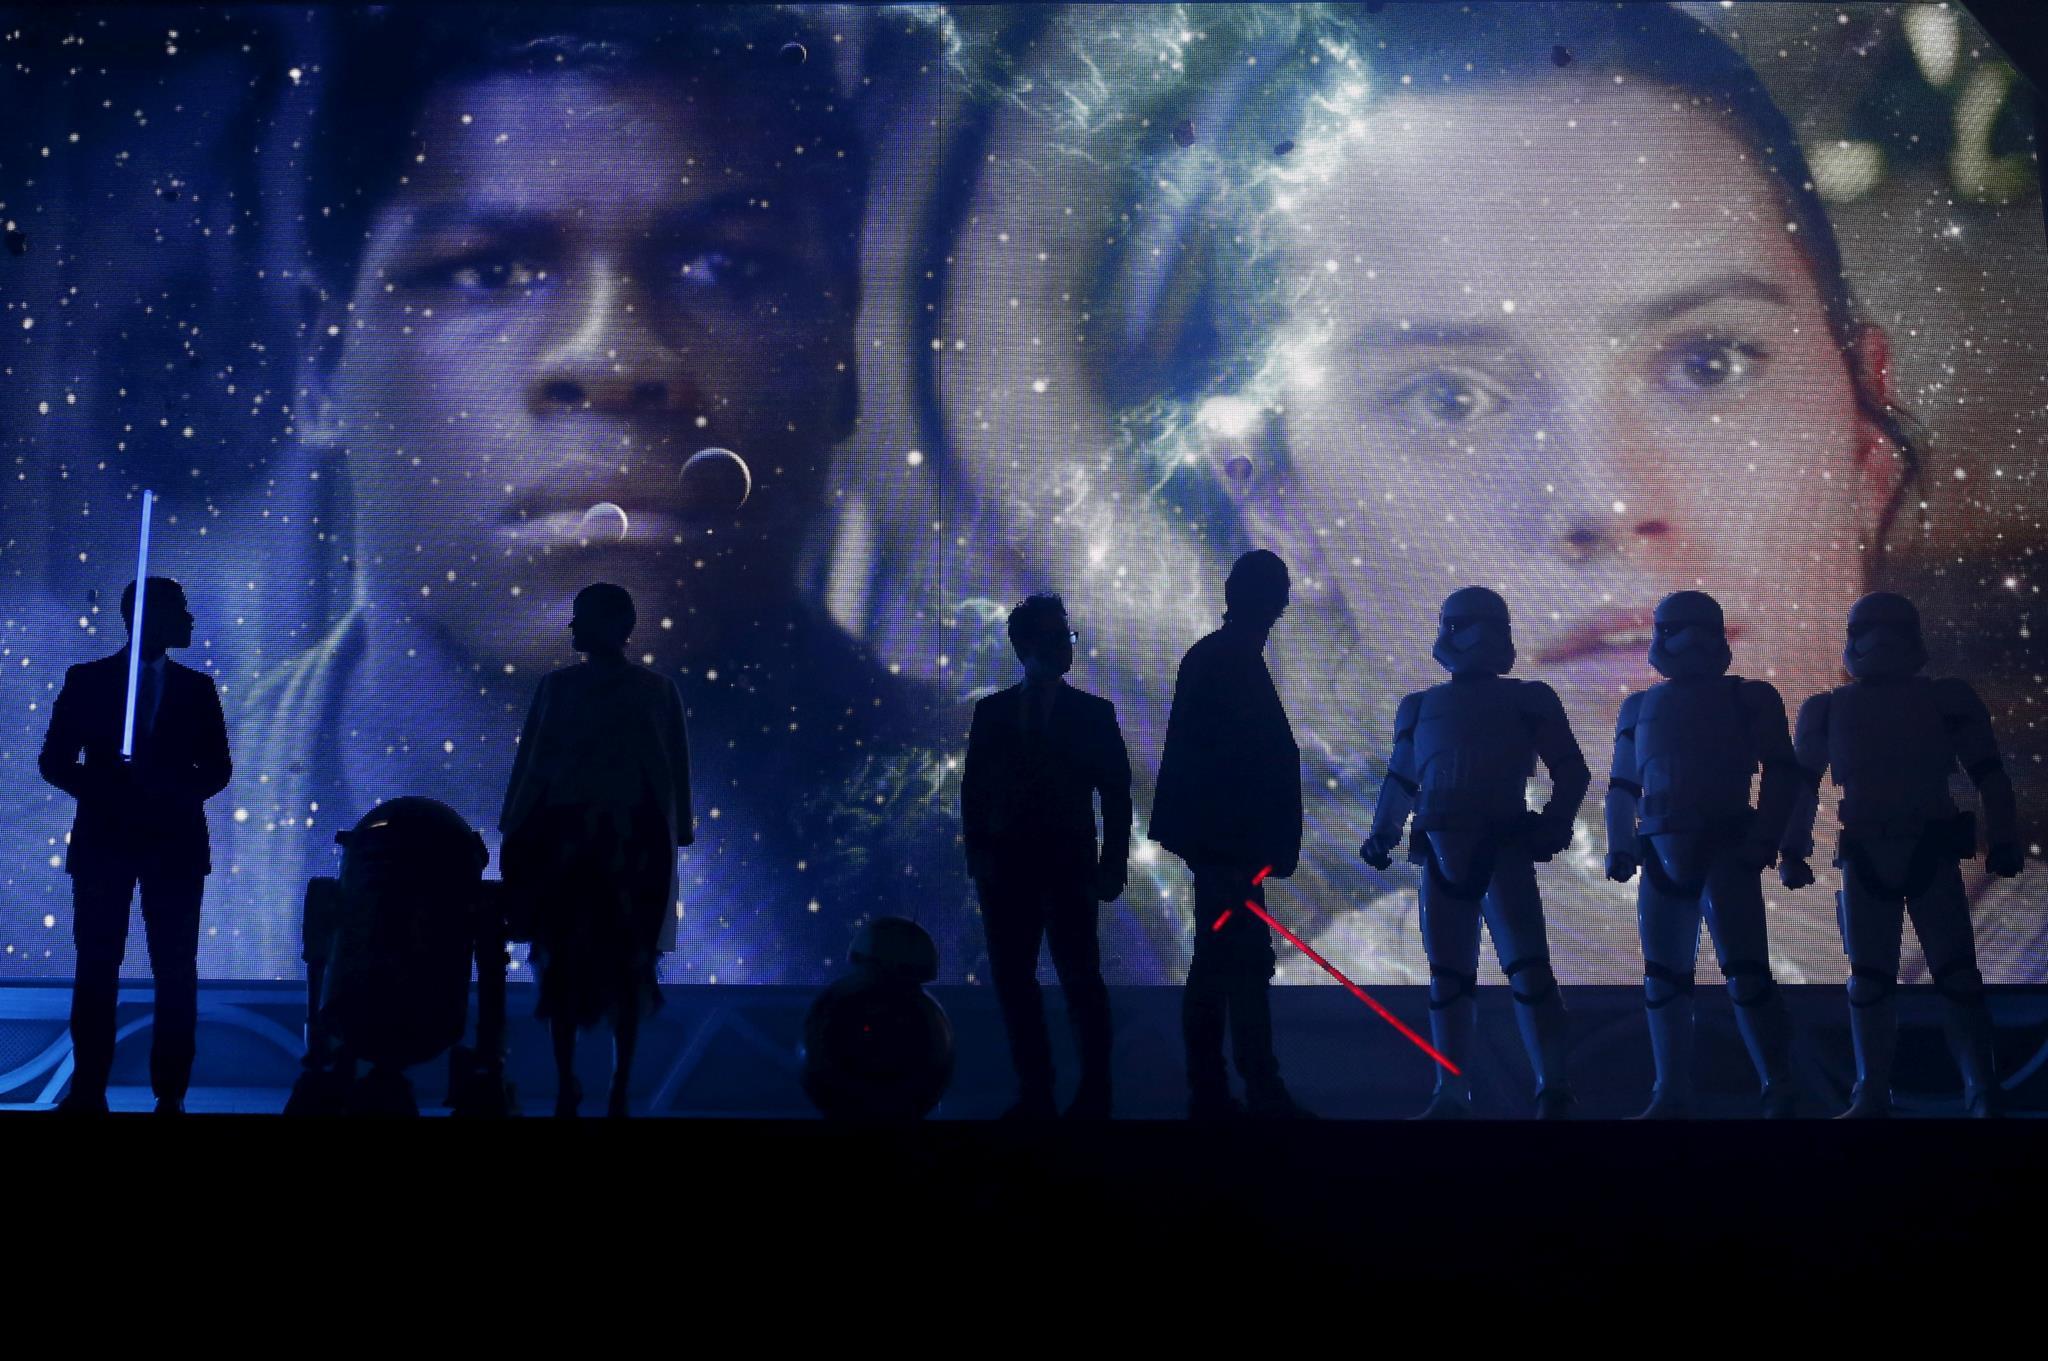 PÚBLICO - O último episódio de <i>Star Wars</i> já tem data de estreia e é só daqui a dois anos